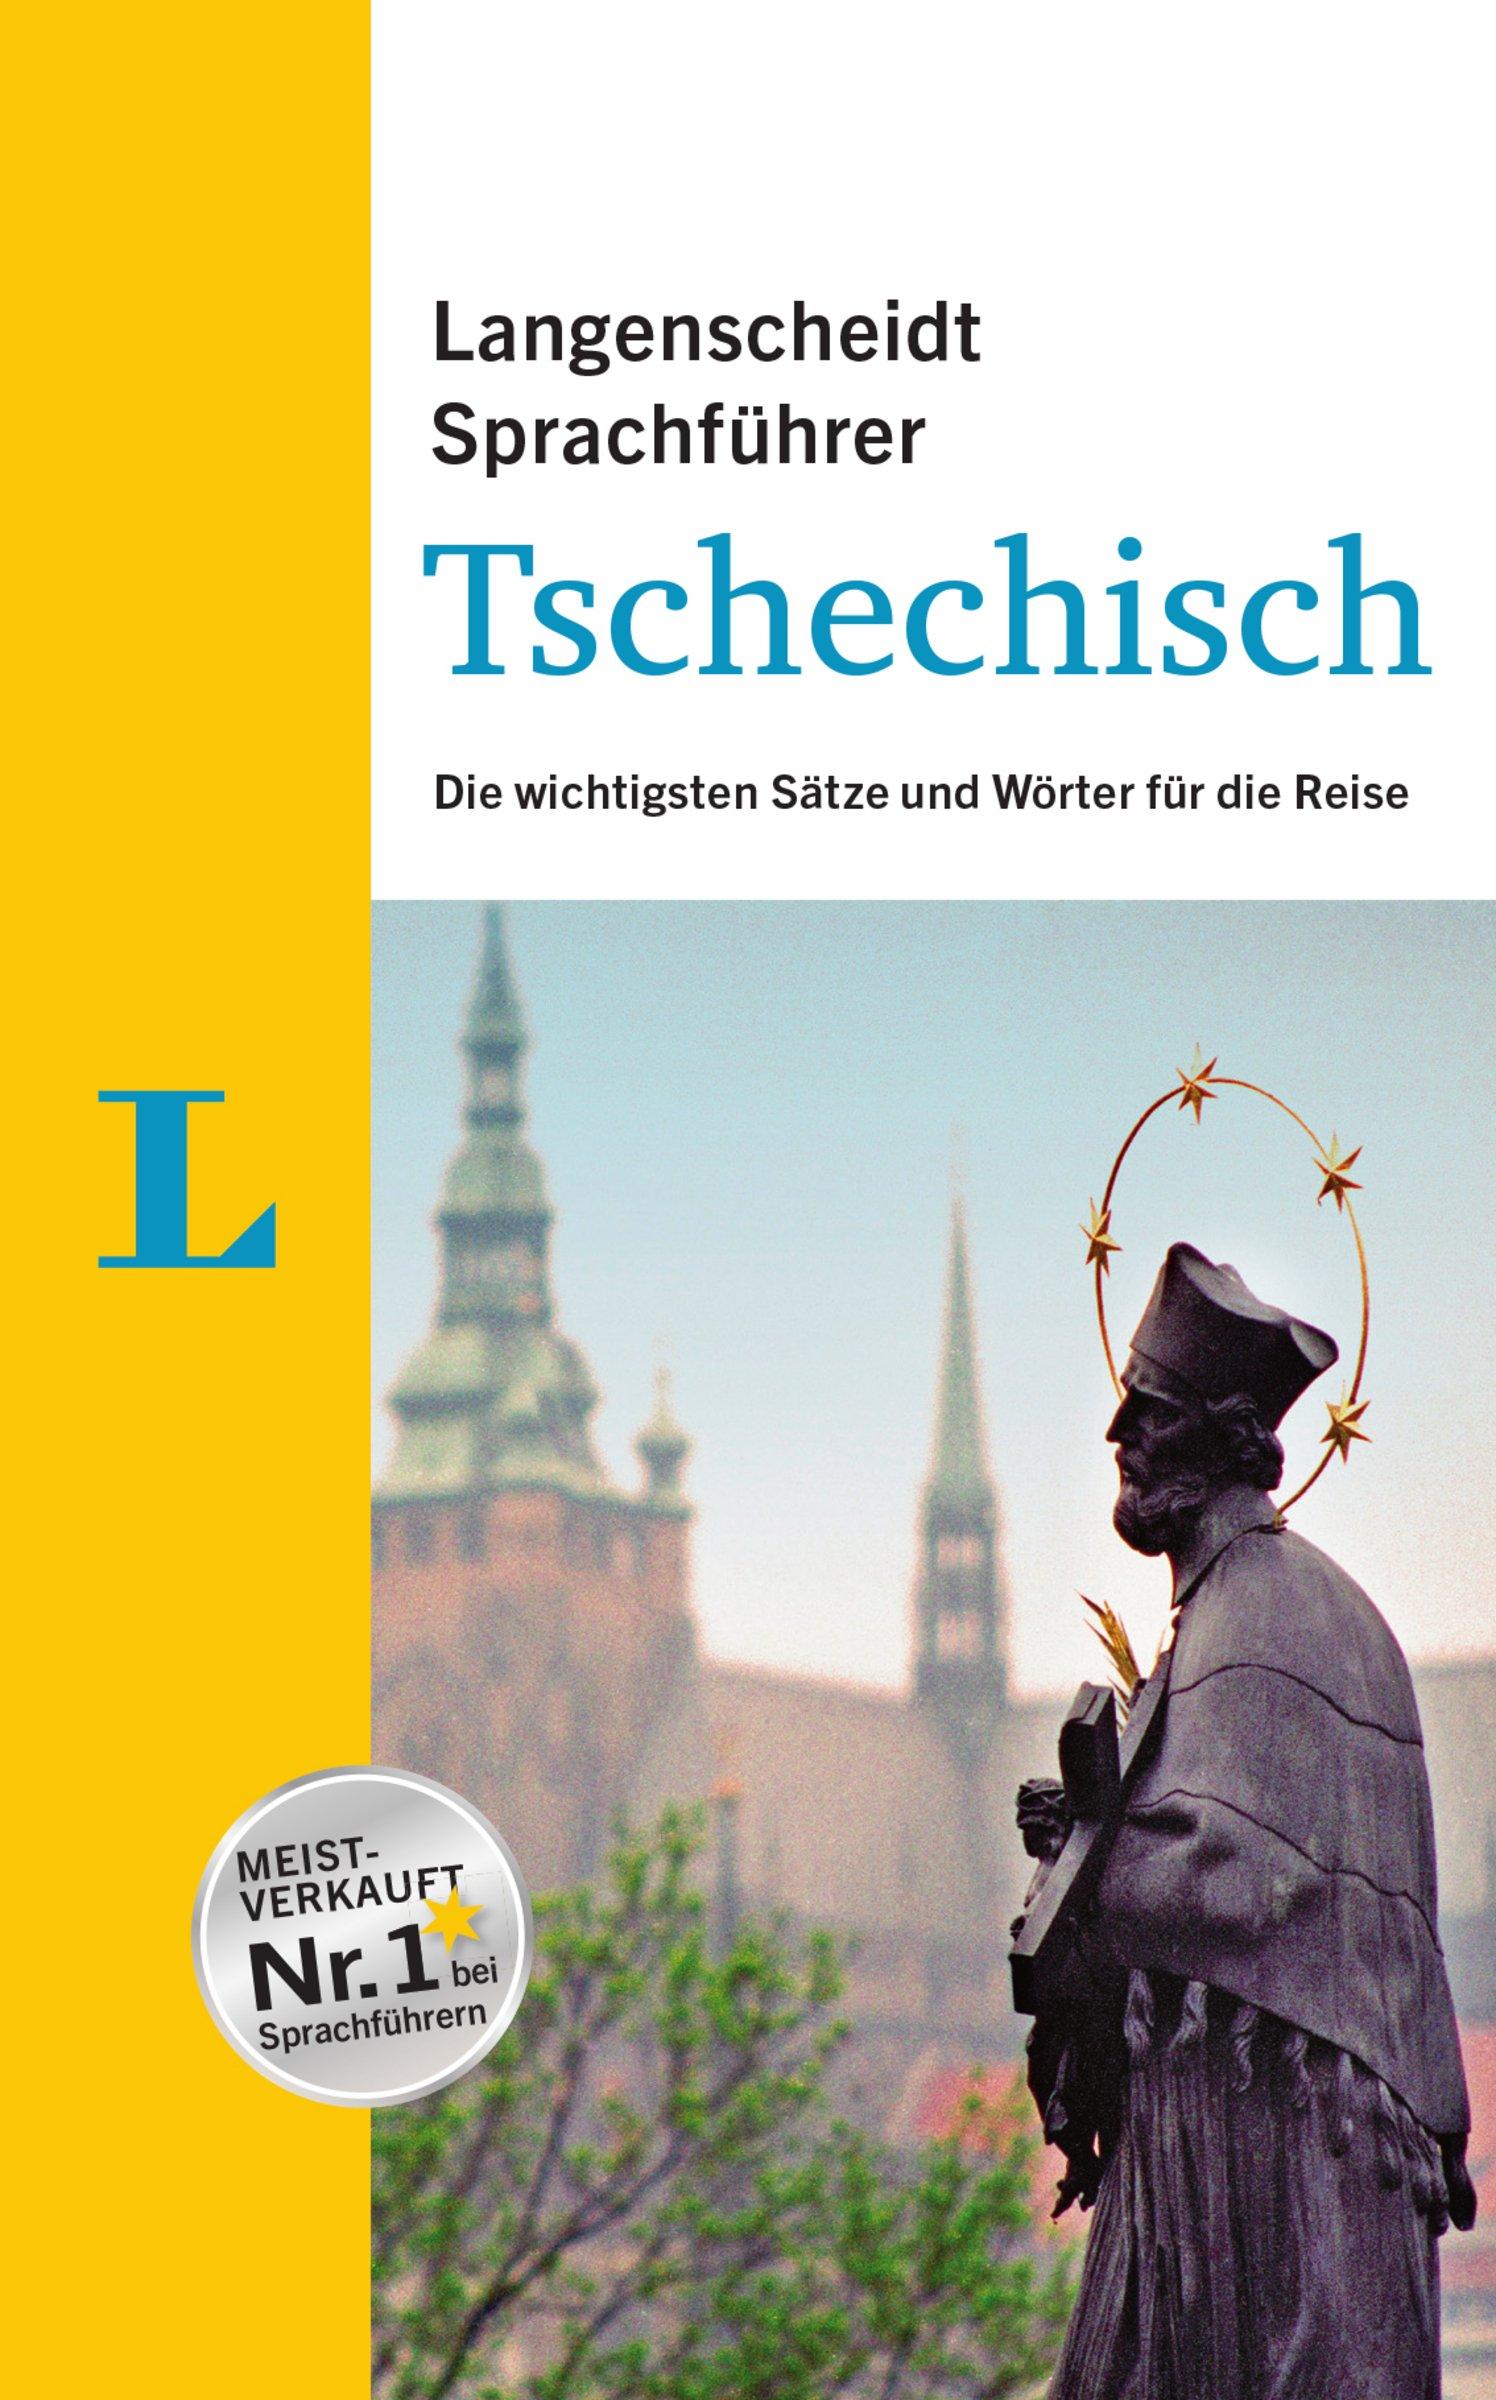 langenscheidt-sprachfhrer-tschechisch-die-wichtigsten-stze-und-wrter-fr-die-reise